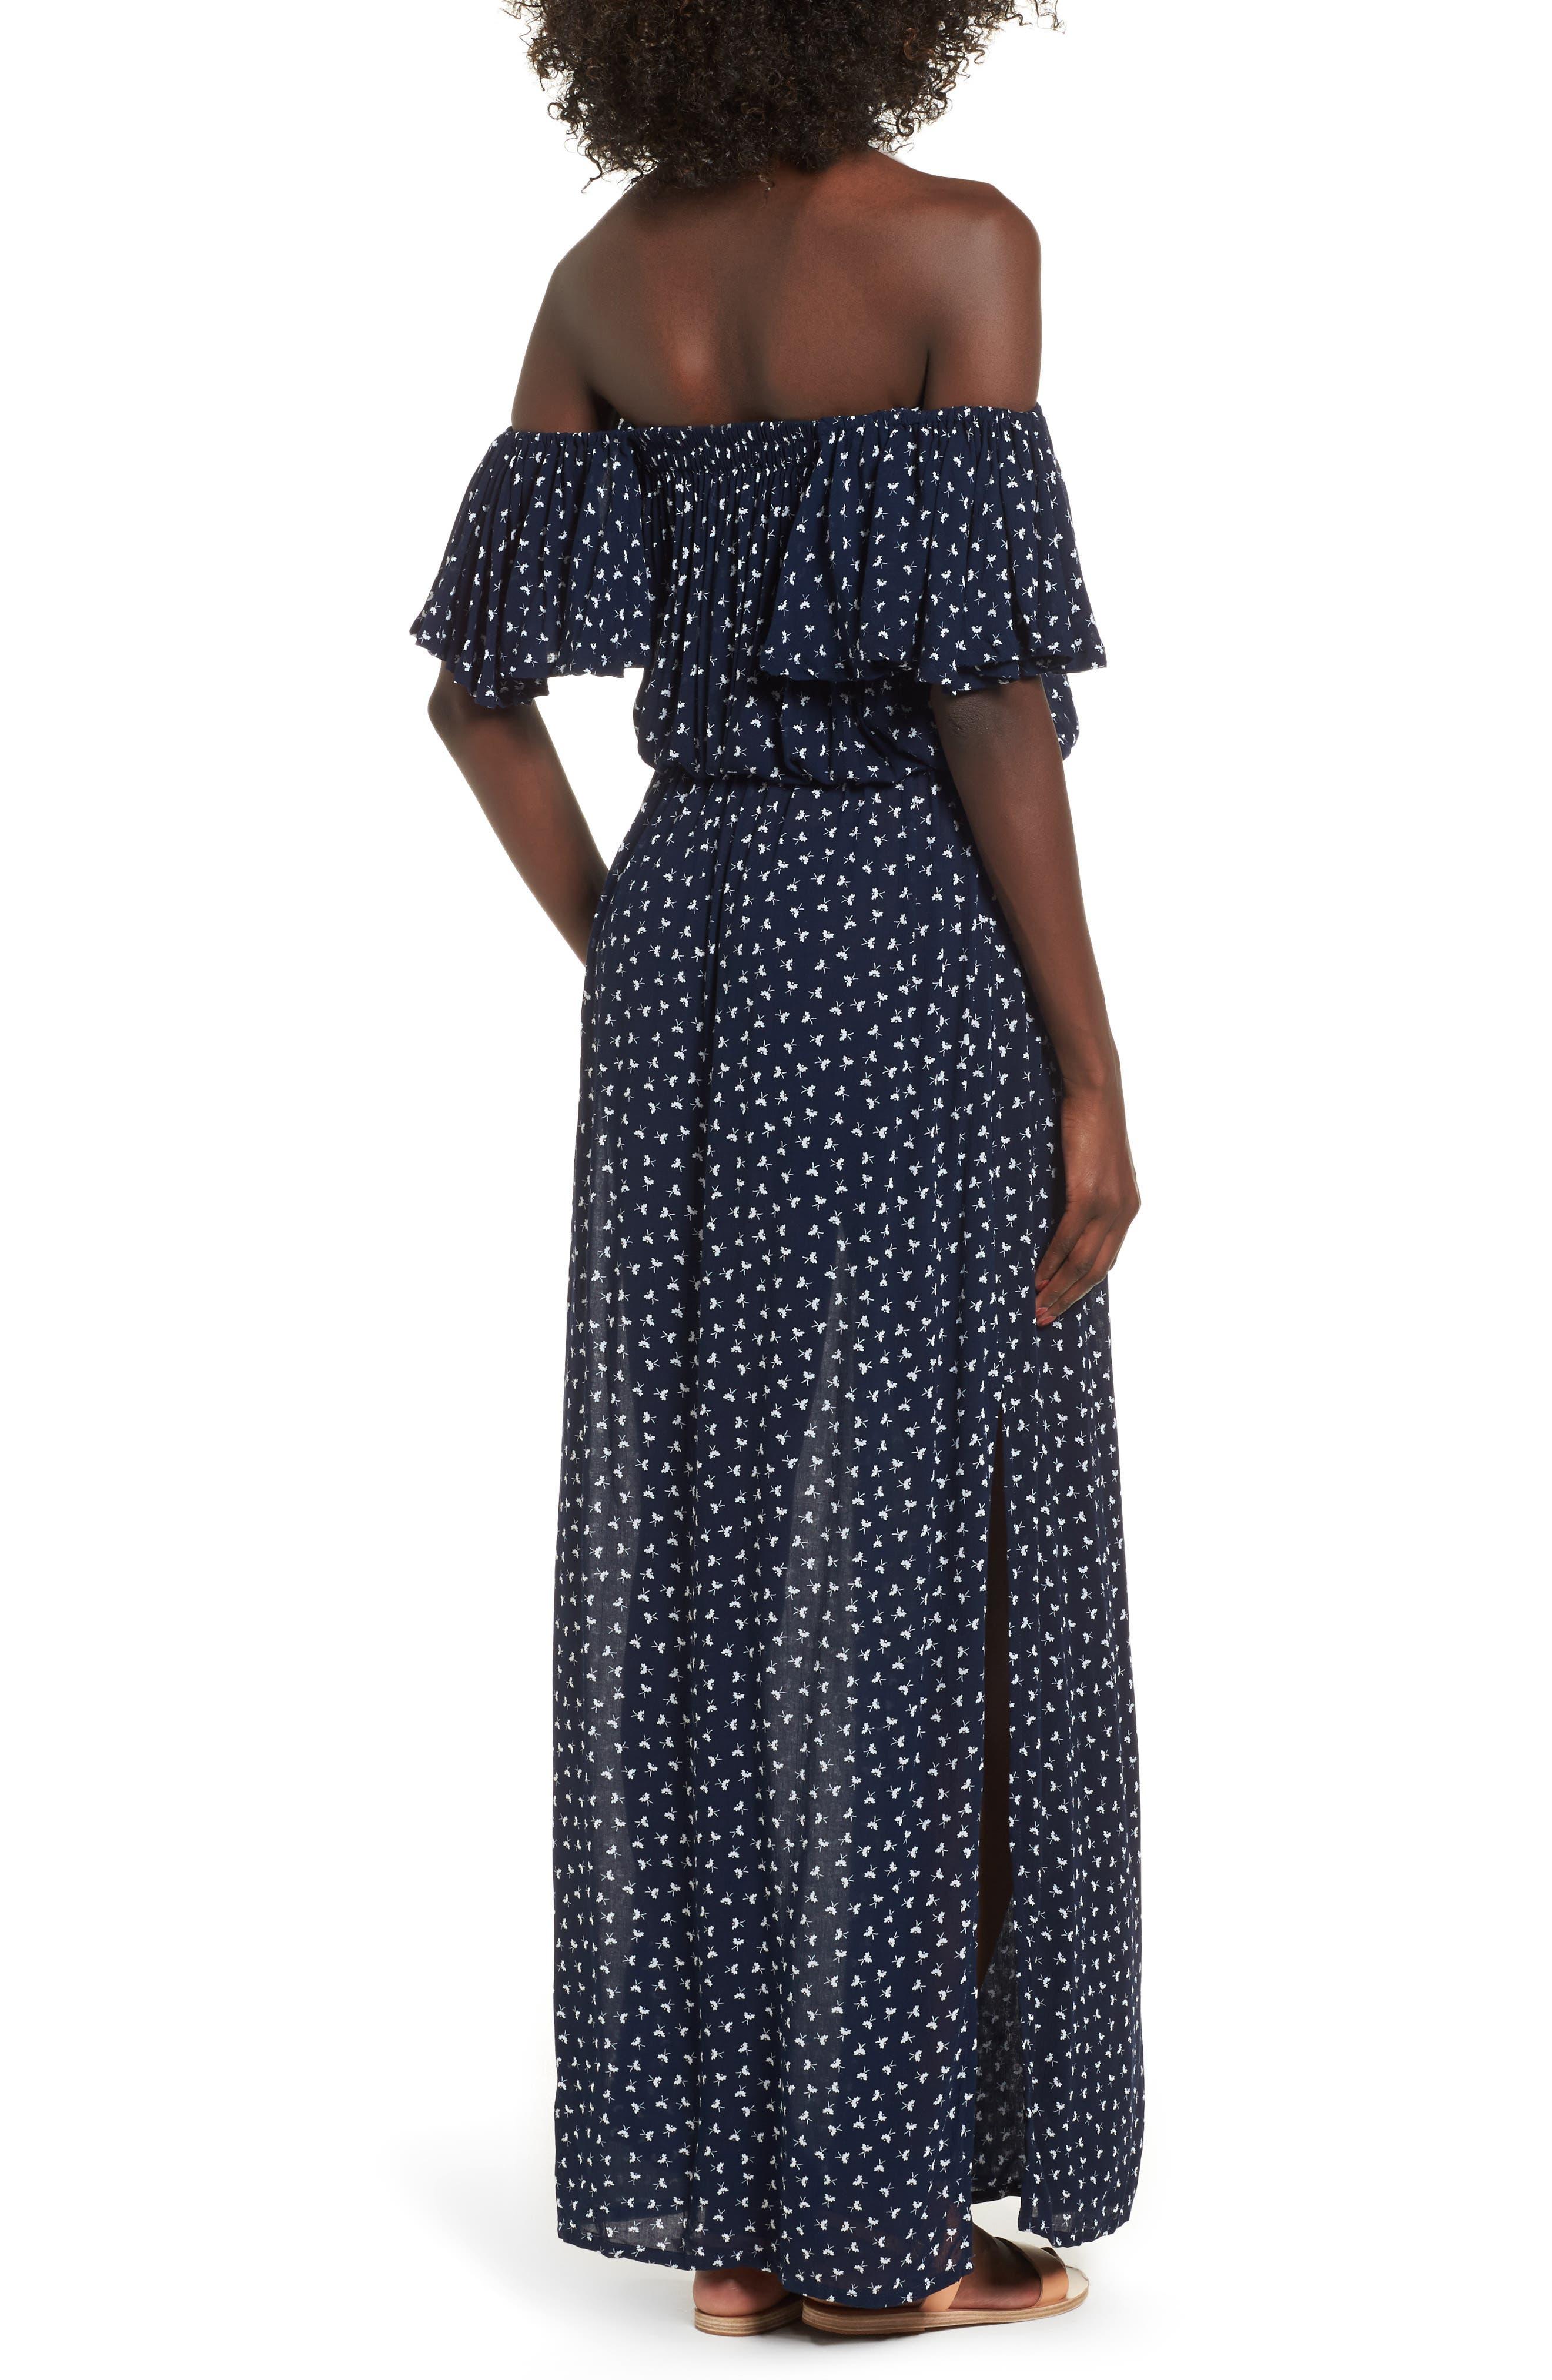 La Digue Off the Shoulder Maxi Dress,                             Alternate thumbnail 2, color,                             410